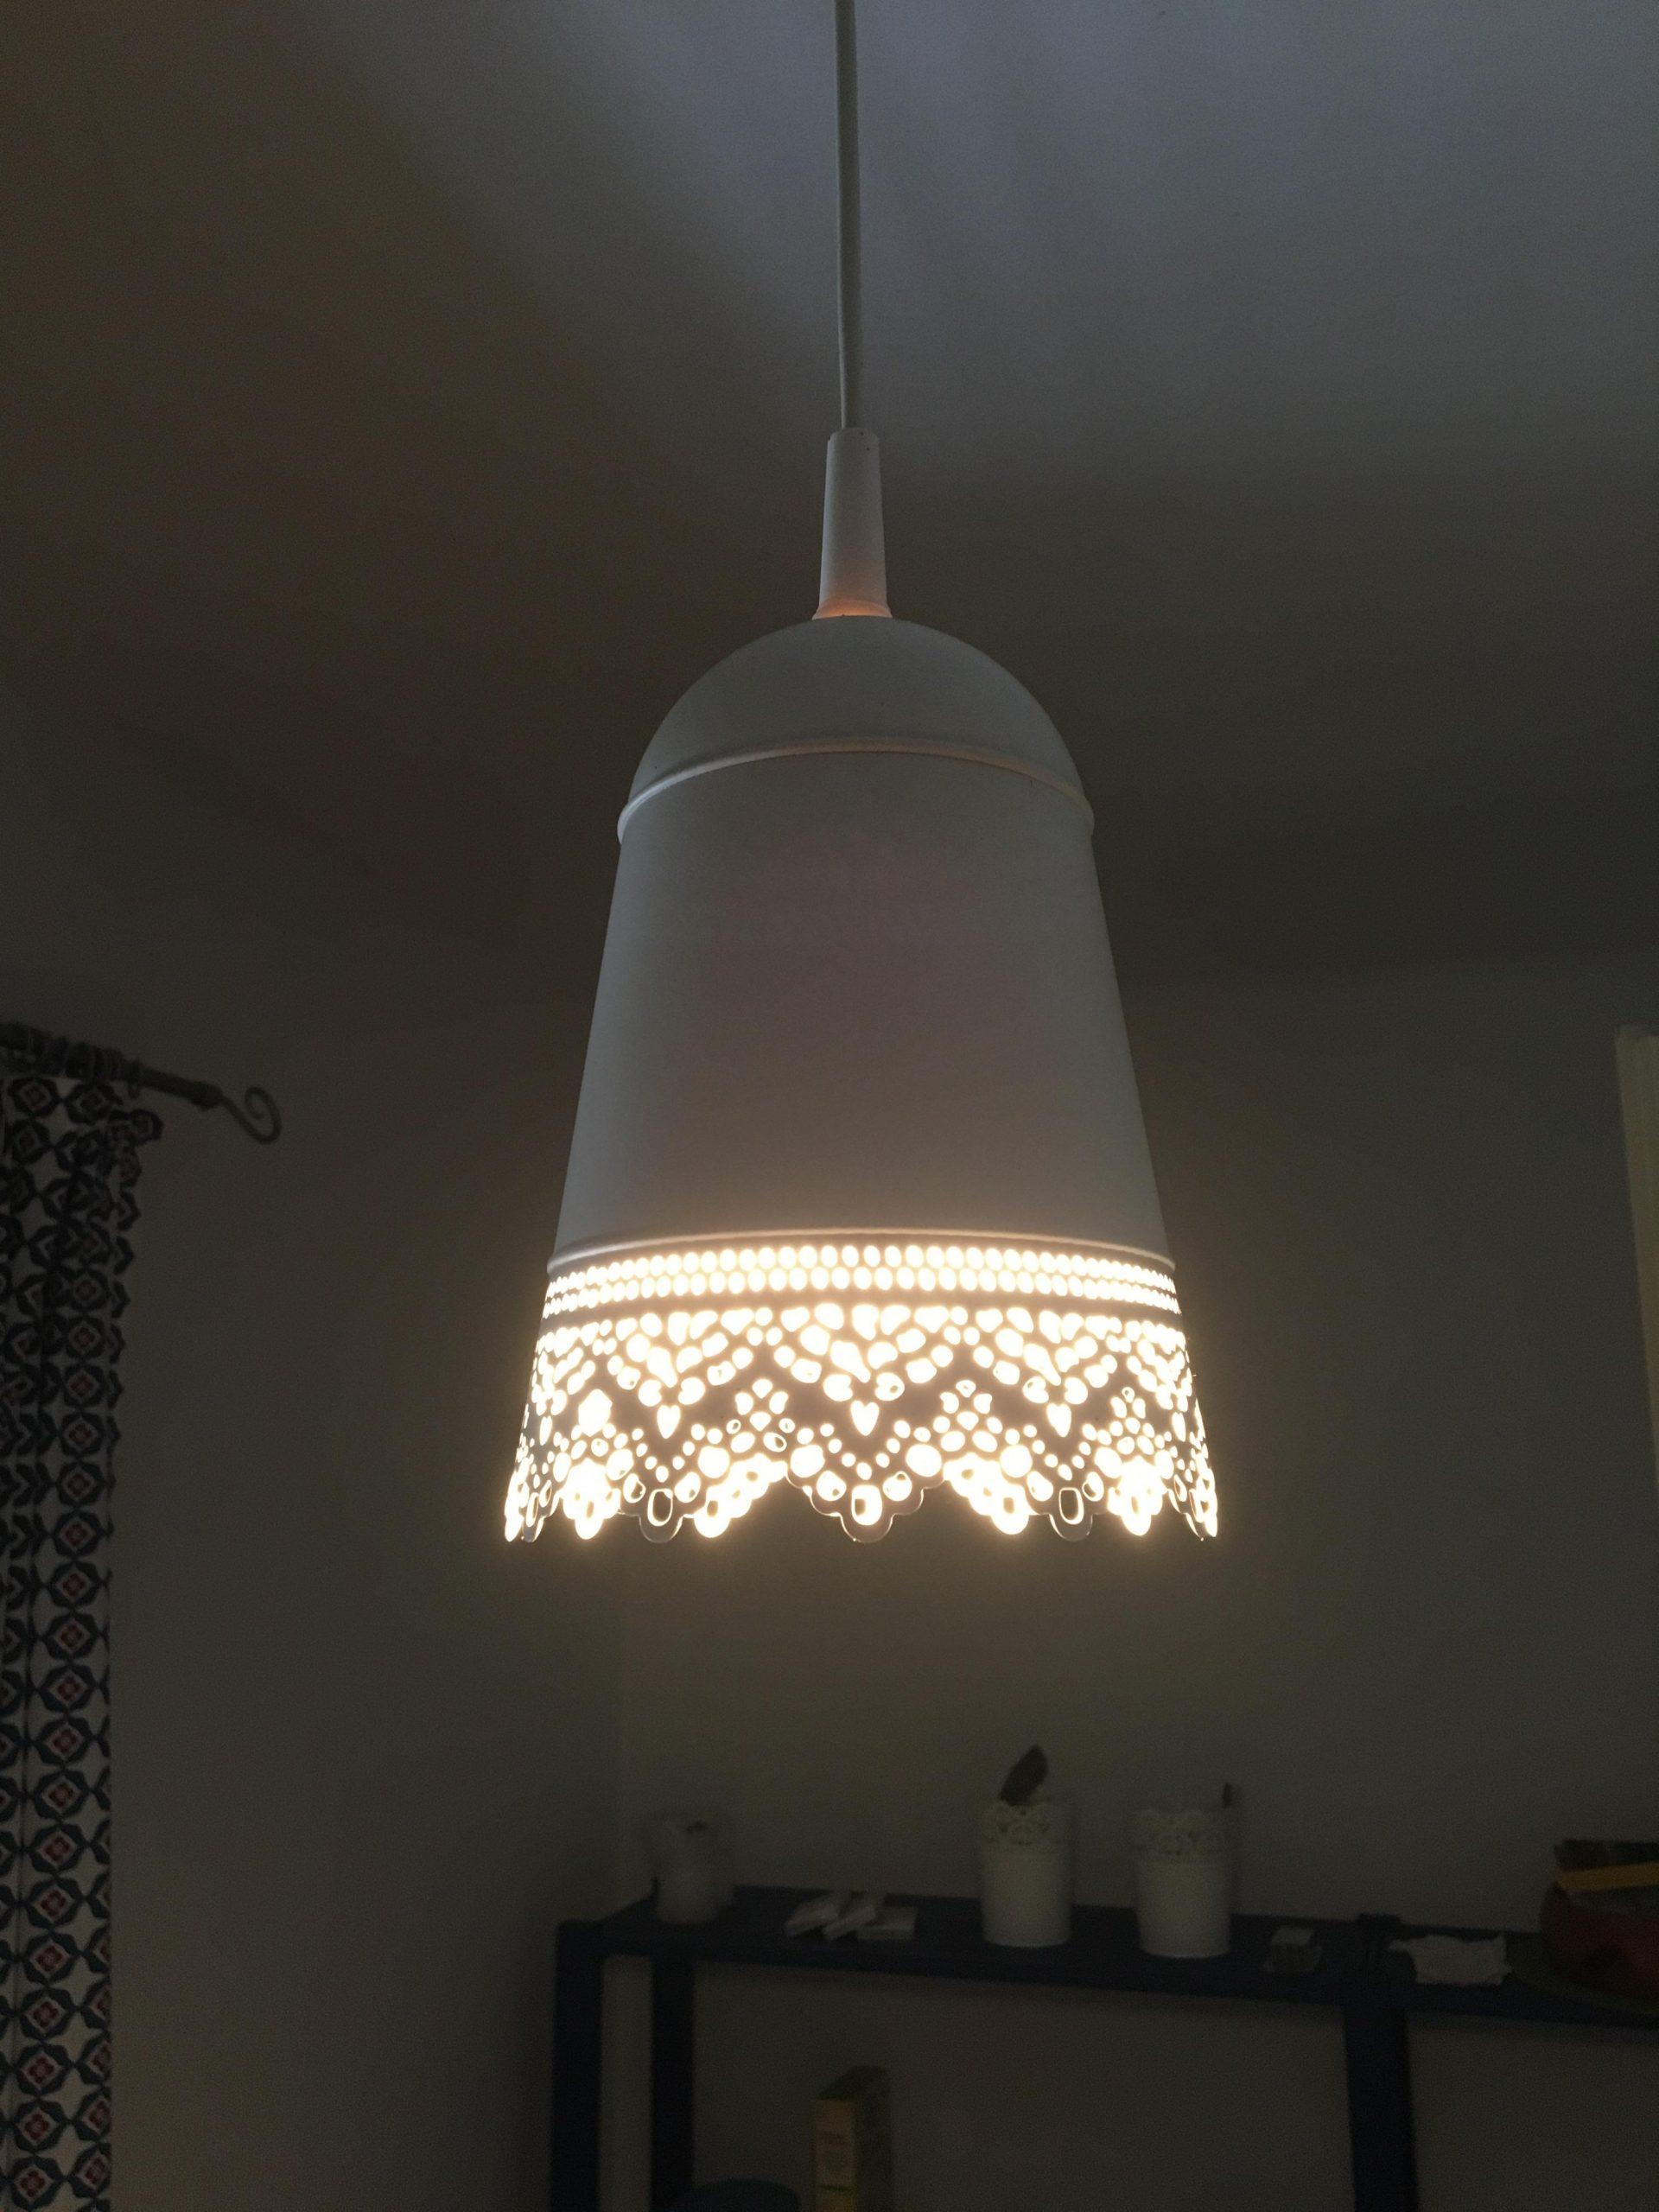 Full Size of Eine Blumenhngeampel Von Ikea Zur Deckenlampe Umgeb Schlafzimmer Deckenlampen Für Wohnzimmer Küche Kaufen Modulküche Miniküche Betten 160x200 Kosten Bei Wohnzimmer Ikea Deckenlampe